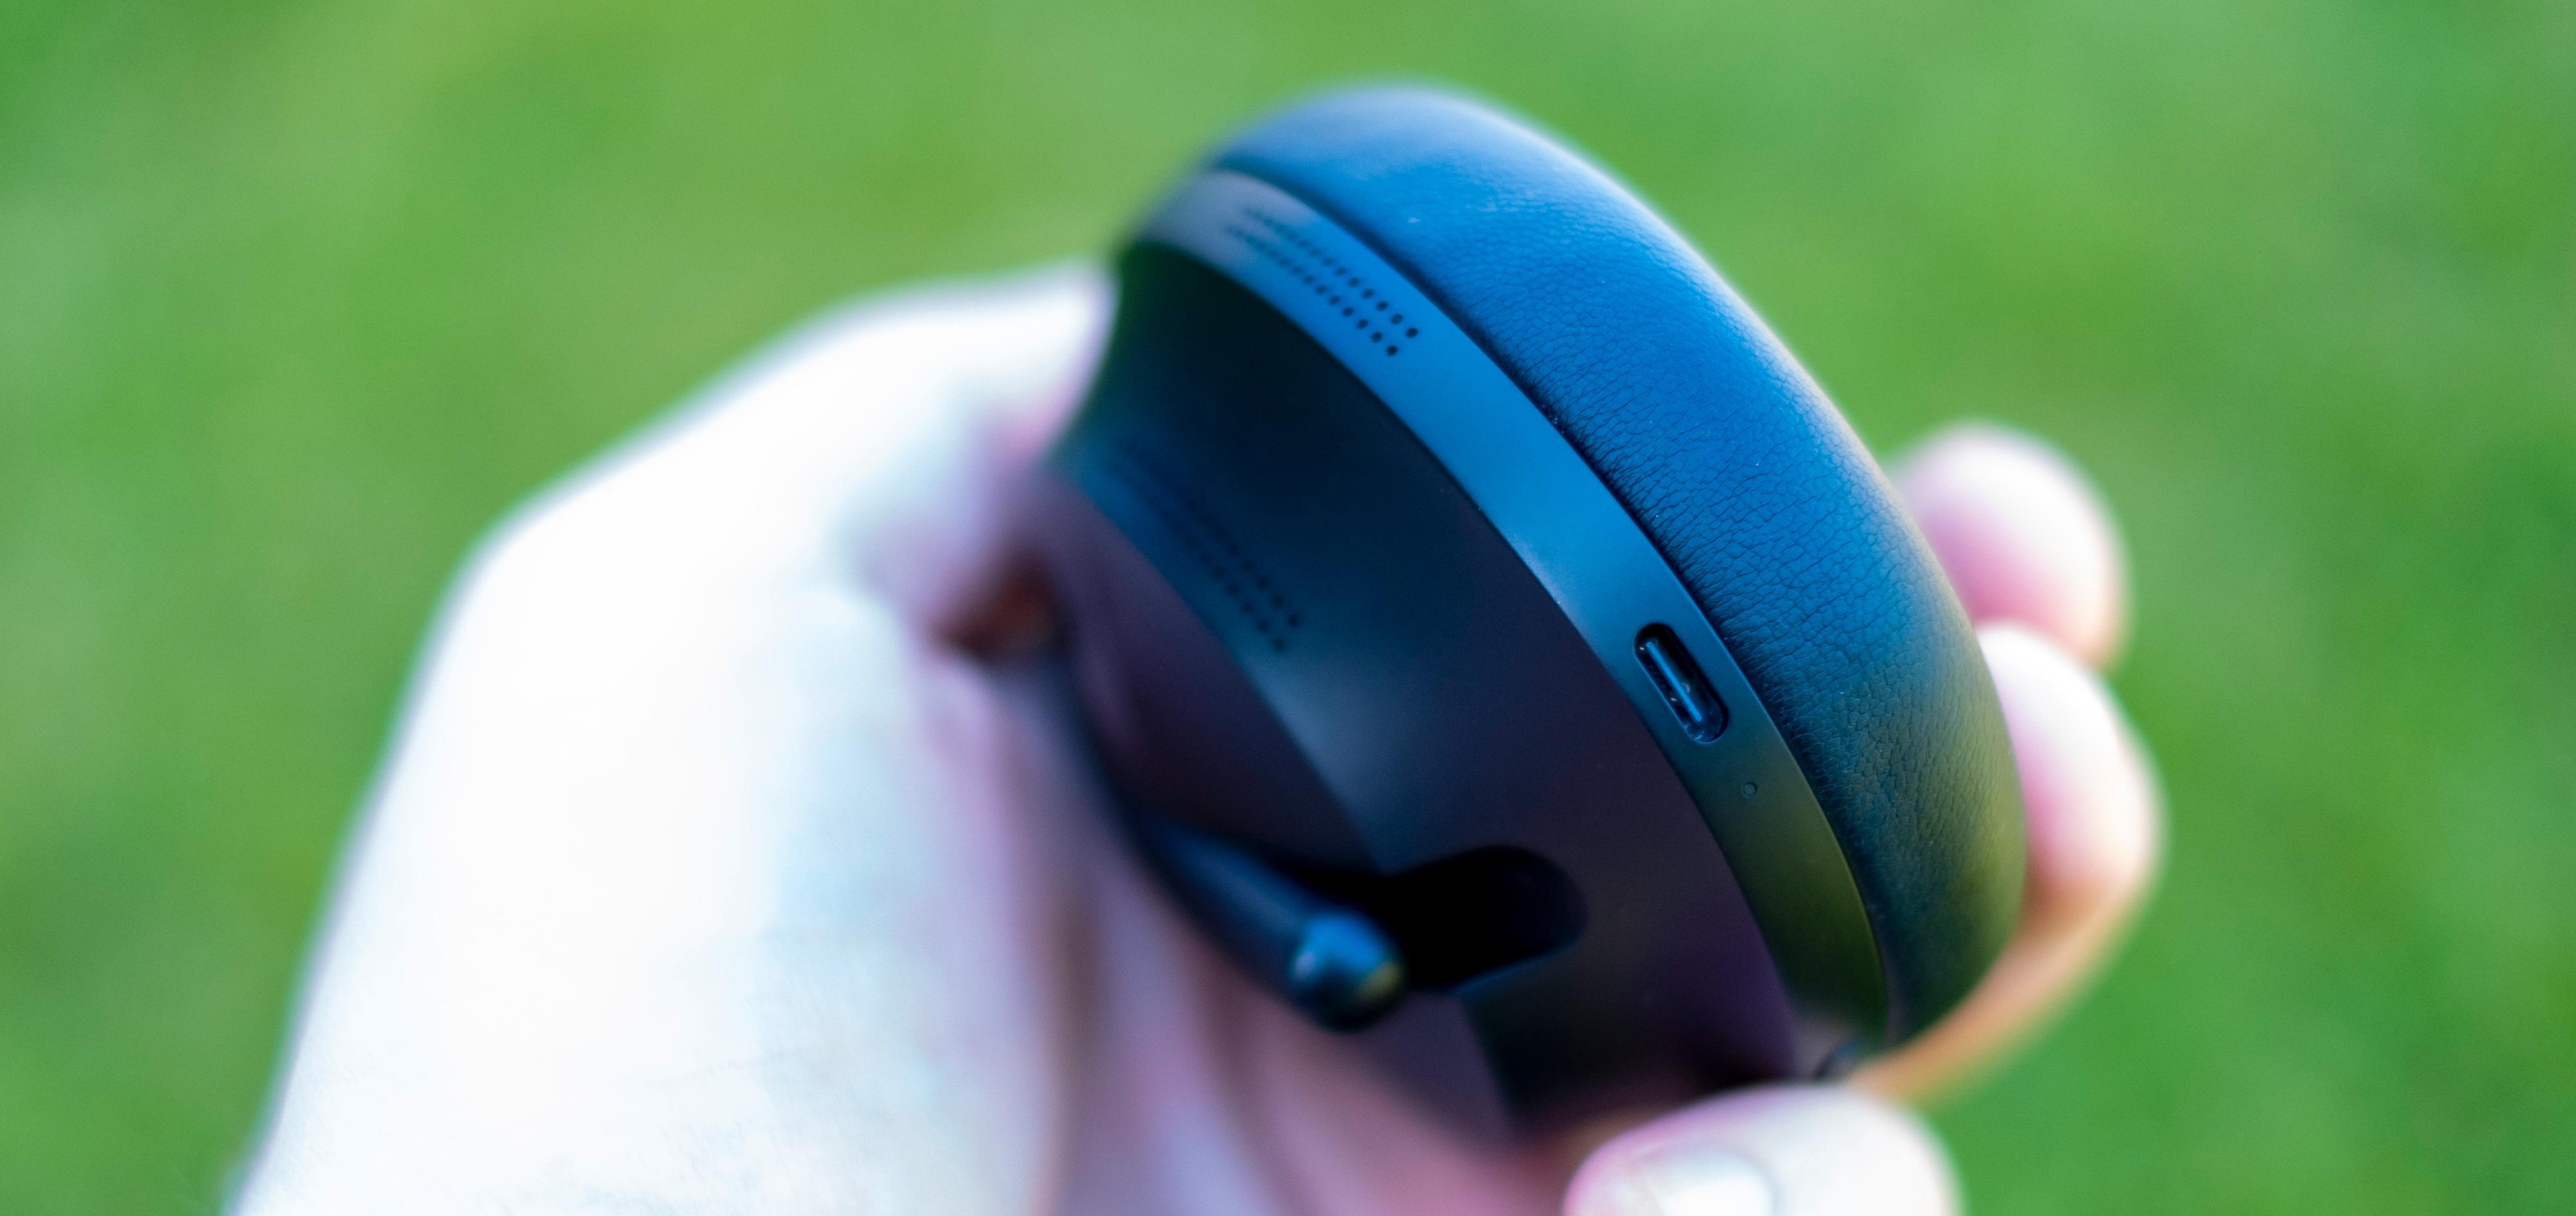 Bose NCH 700 bytter ut Micro-USB til fordel for USB-C. Velkommen etter høres i det fjerne fra samtlige konkurrenter.